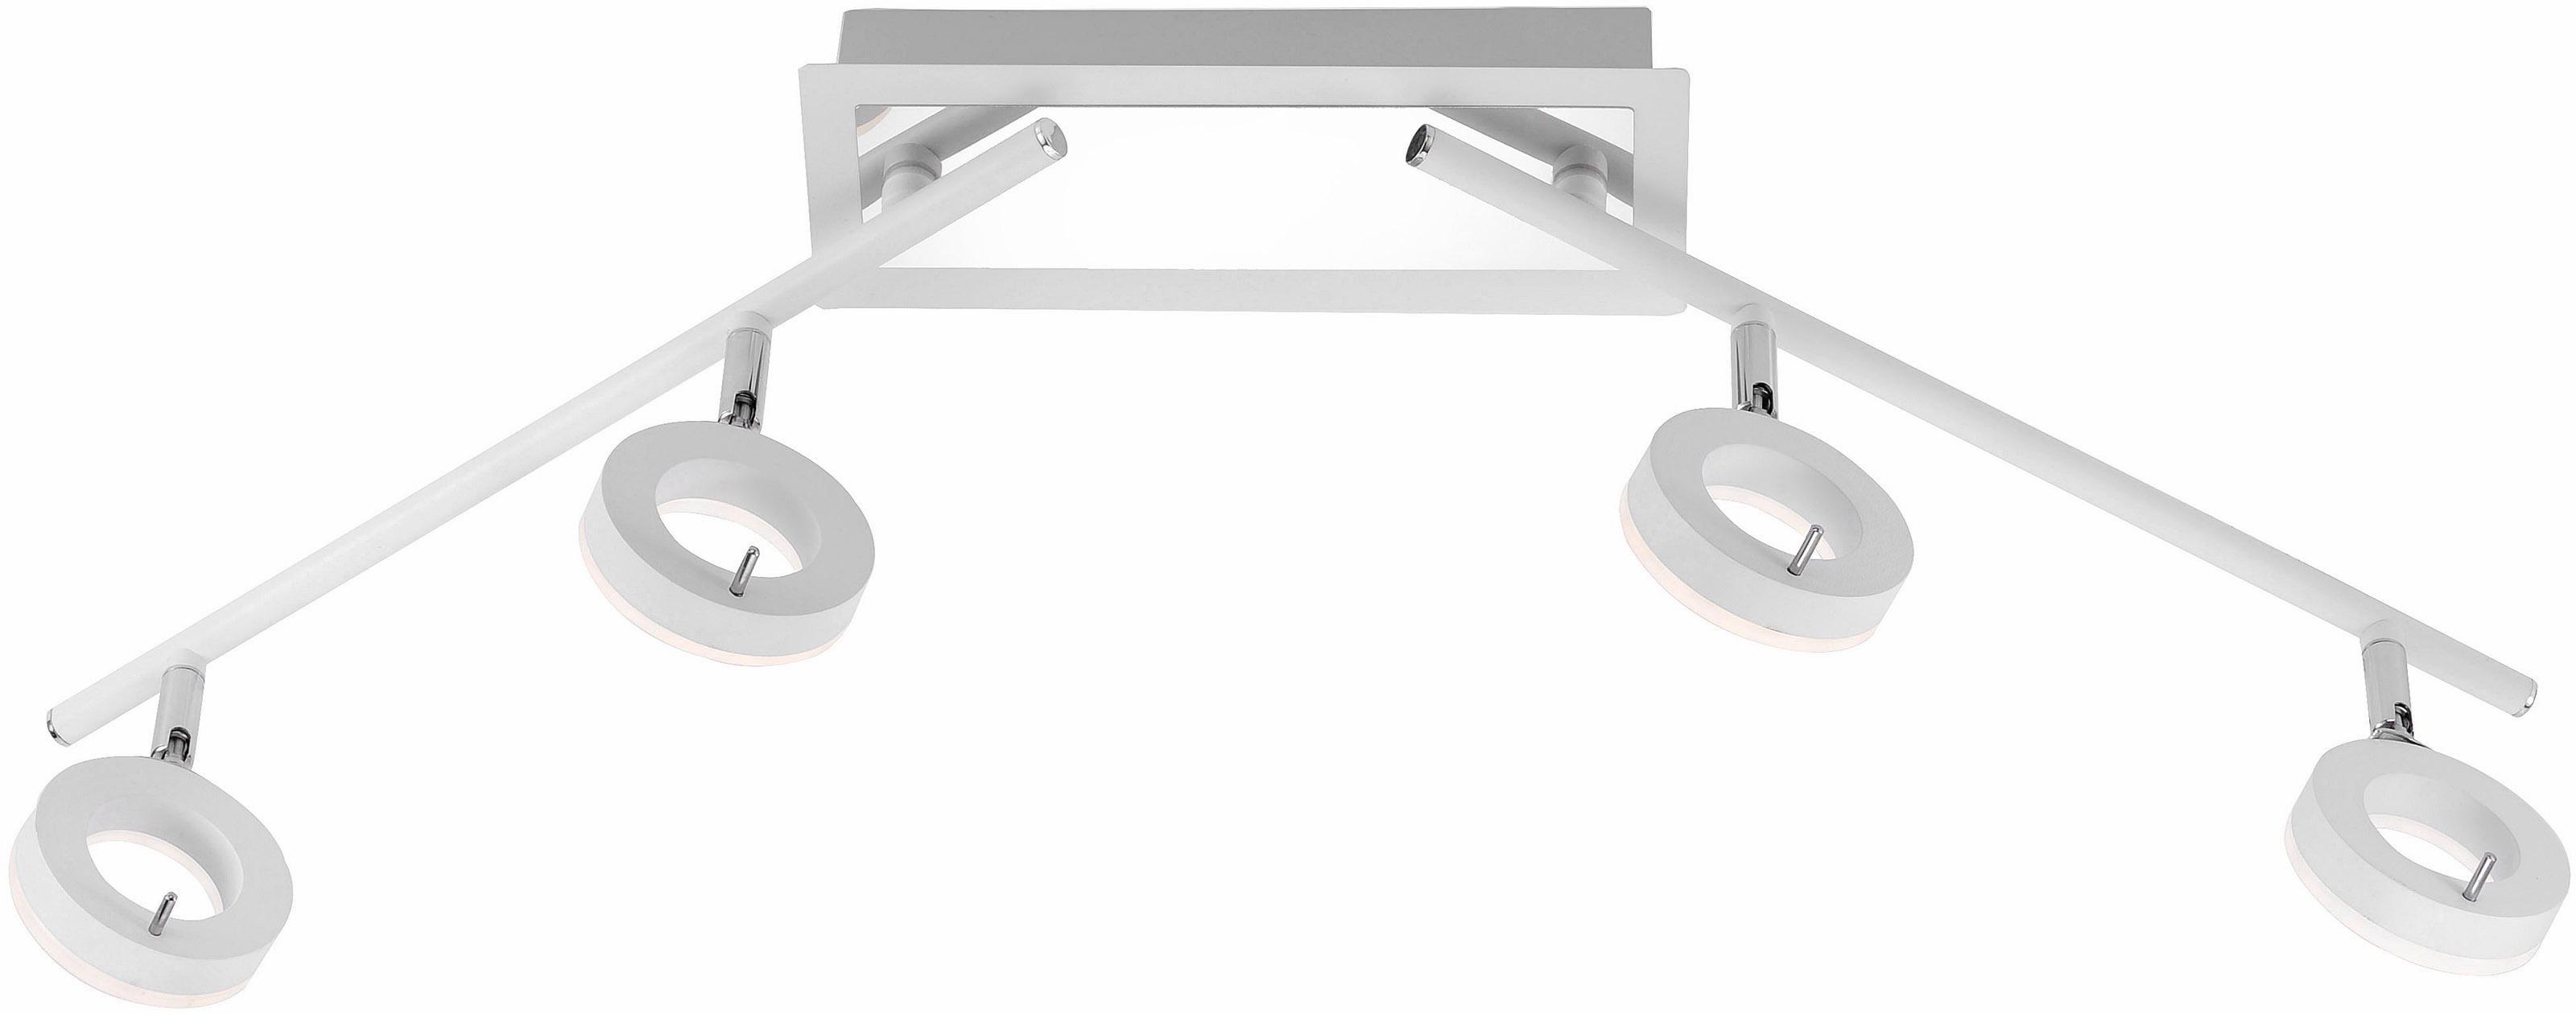 Paul Neuhaus Deckenleuchte SILEDA, LED-Board, Warmweiß, inklusive festverbautem LED Leuchtmittel,IP44 spritzwassergeschützt,Acryglas satiniert (nicht wechselbar), Badeleuchte,Spotköpfe verstellbar,Leuchtenarme beweglich,3000 Kelvin